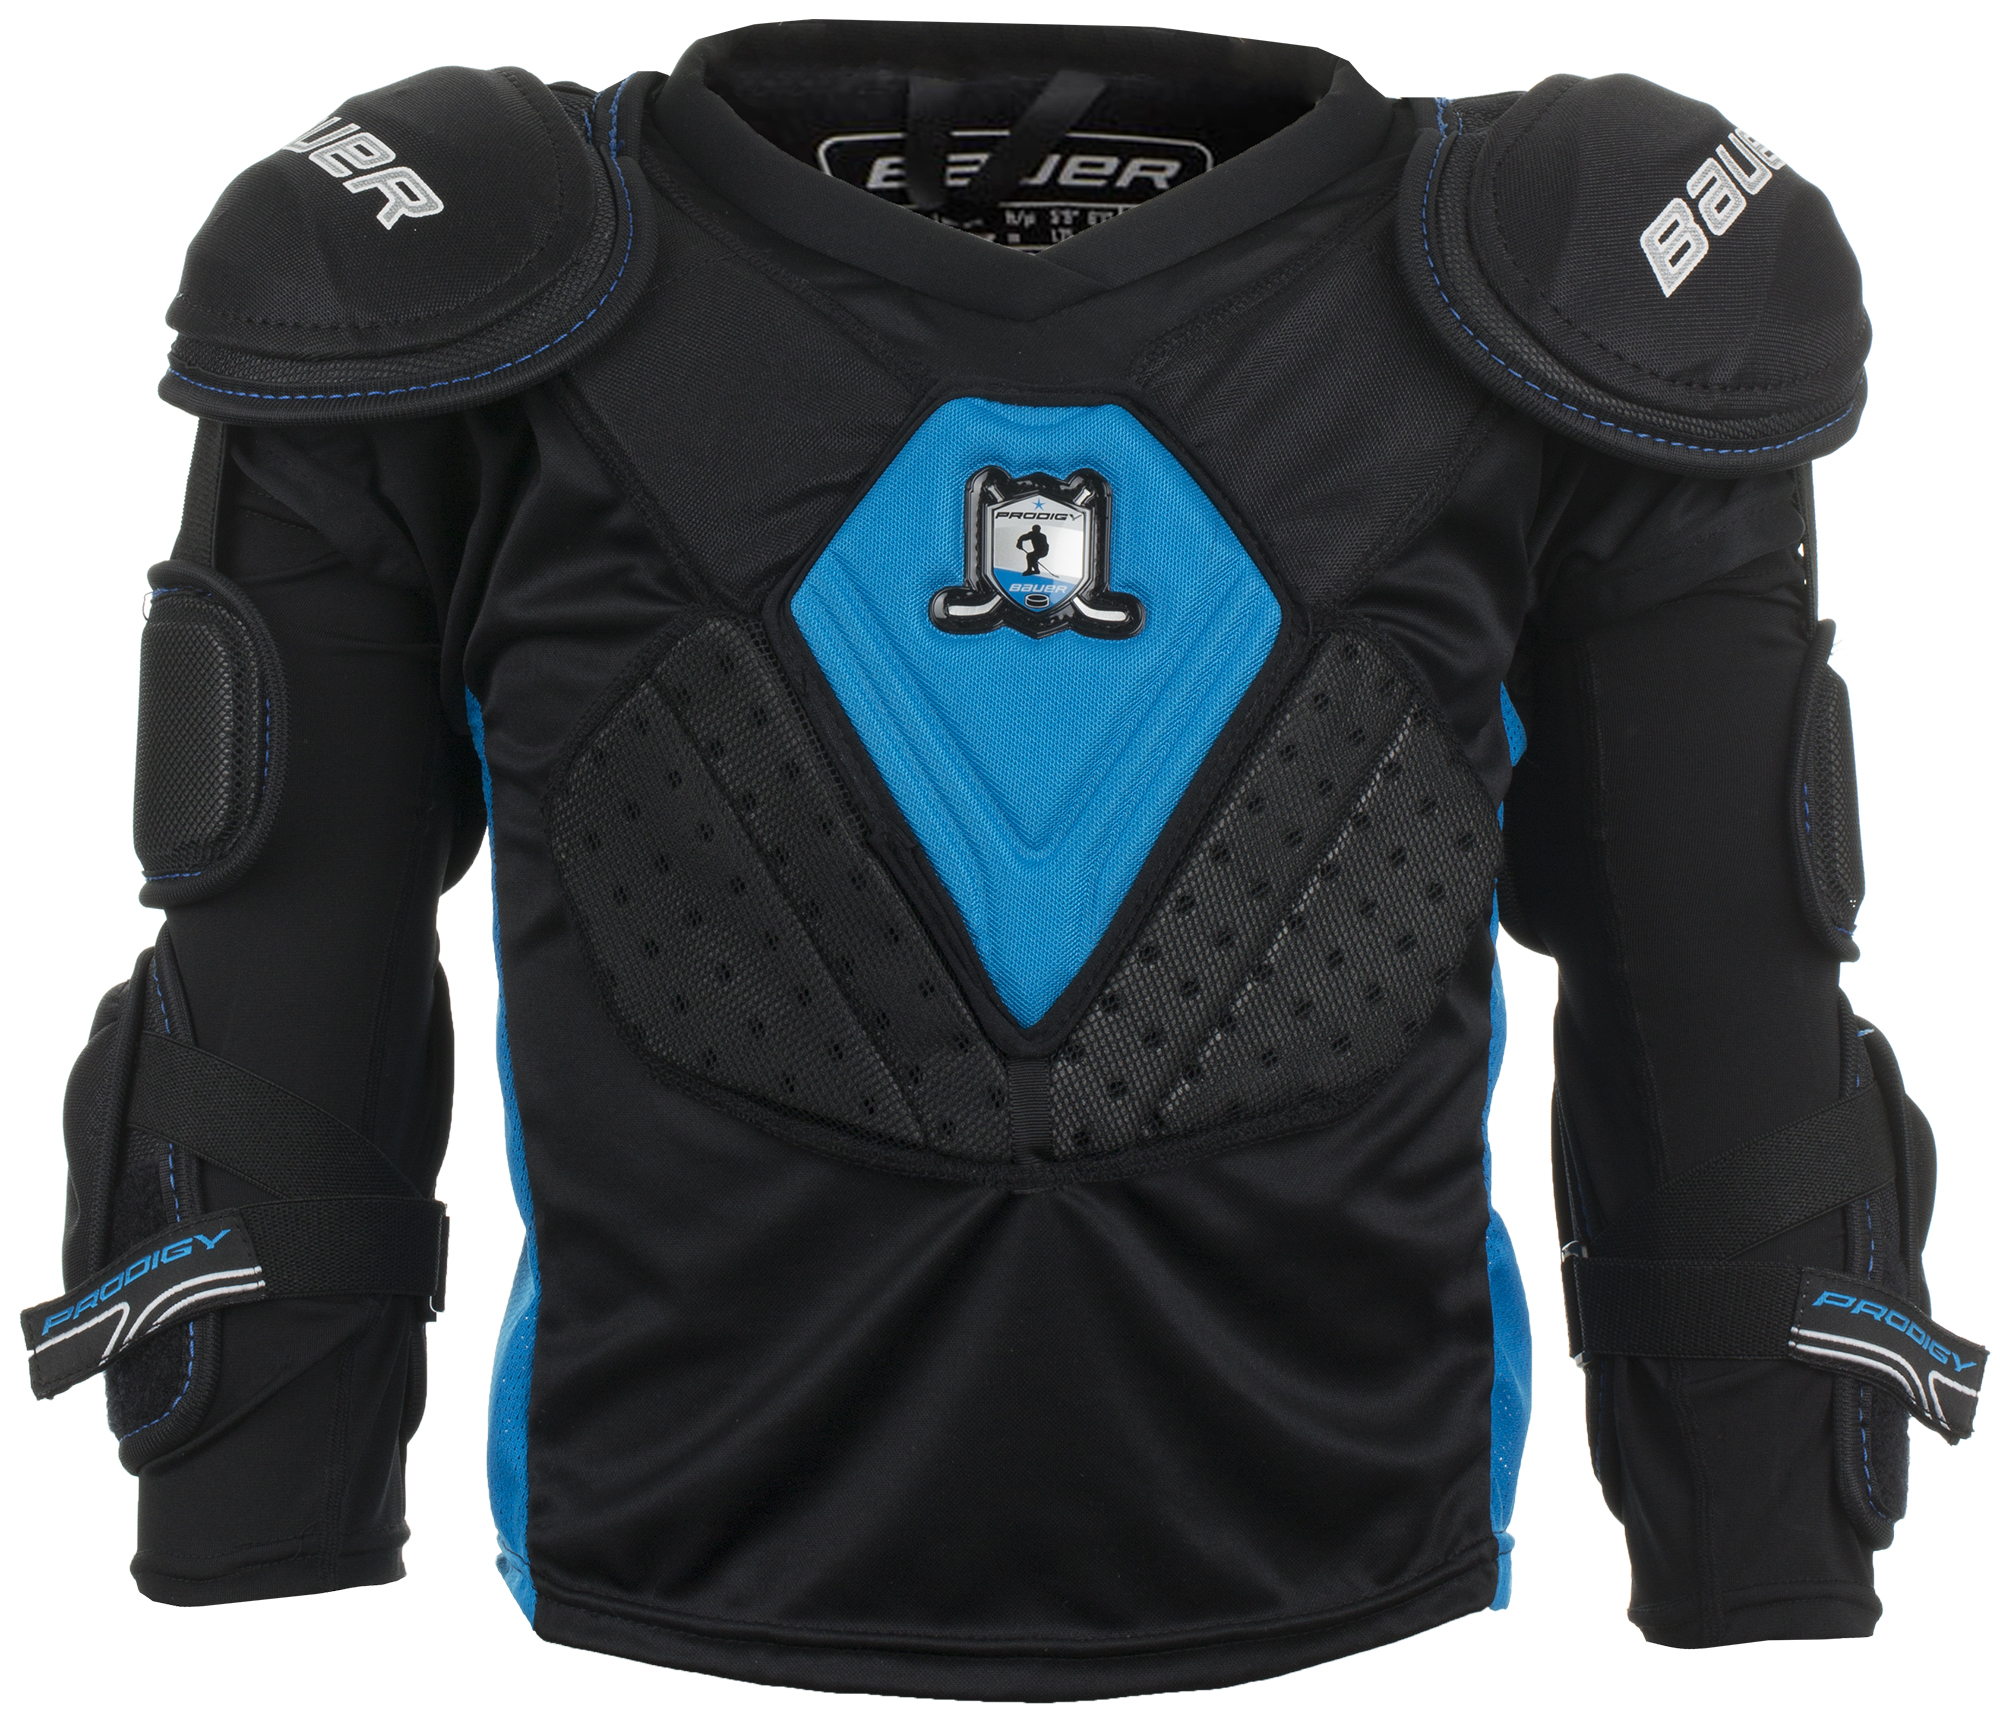 Bauer Нагрудник хоккейный юниорский Bauer Prodigy Top